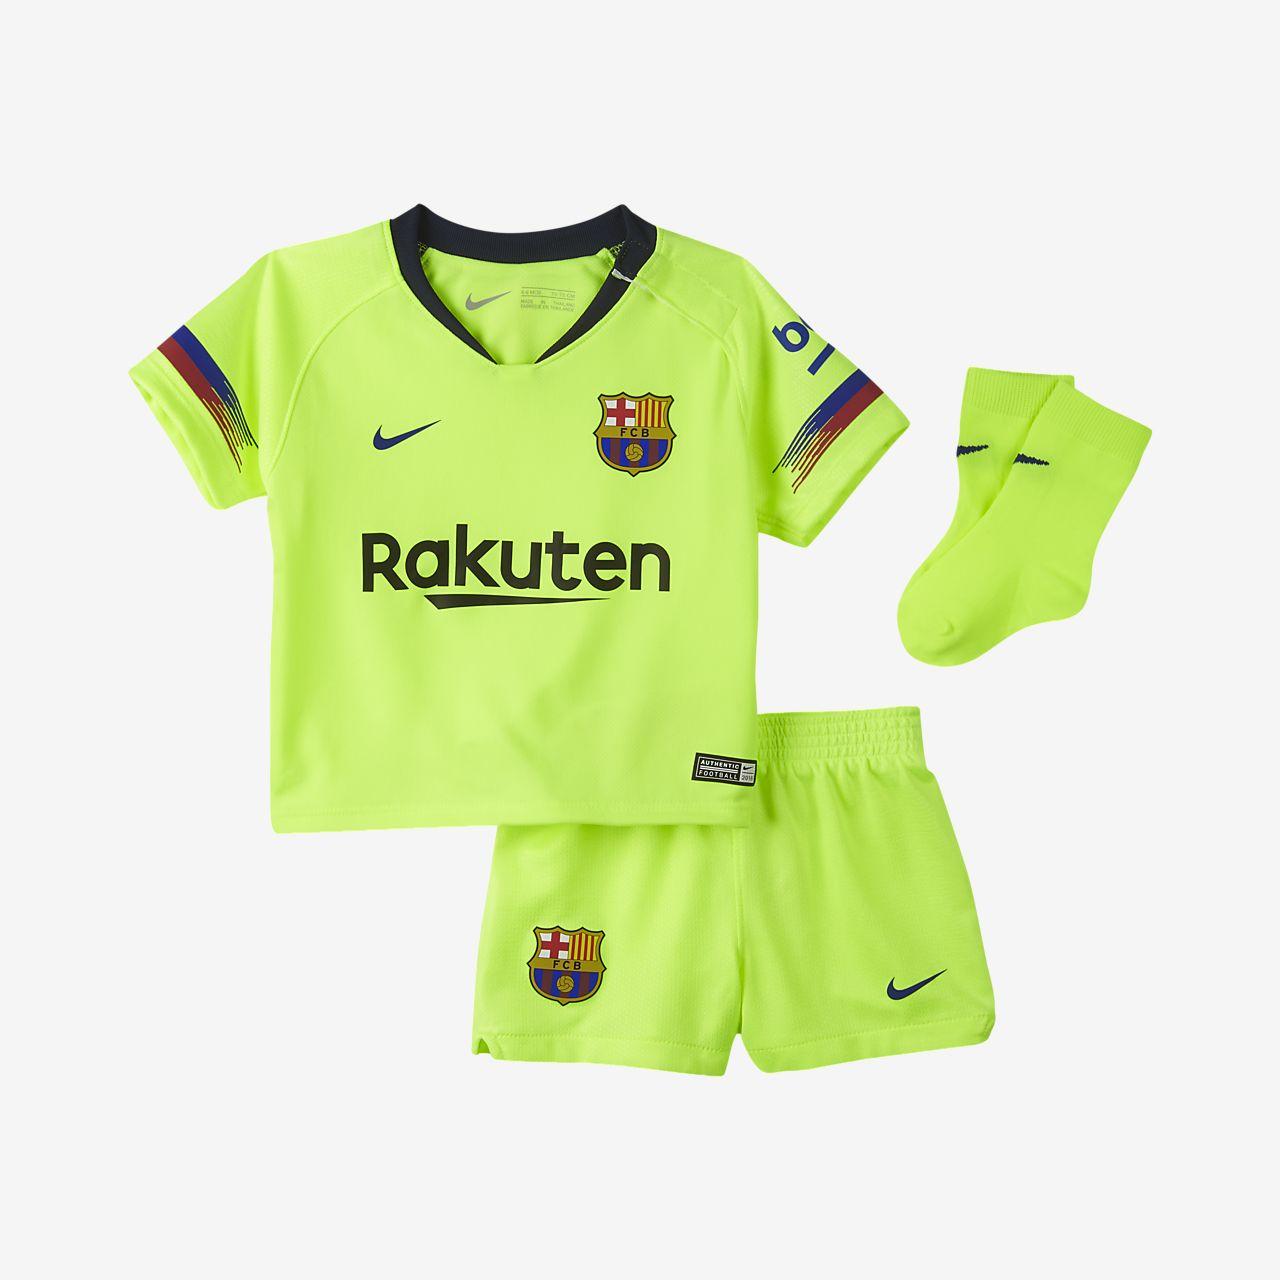 buy popular 37a4b 00fae ... 2018 19 FC Barcelona Stadium Away fotballdraktsett til sped- småbarn